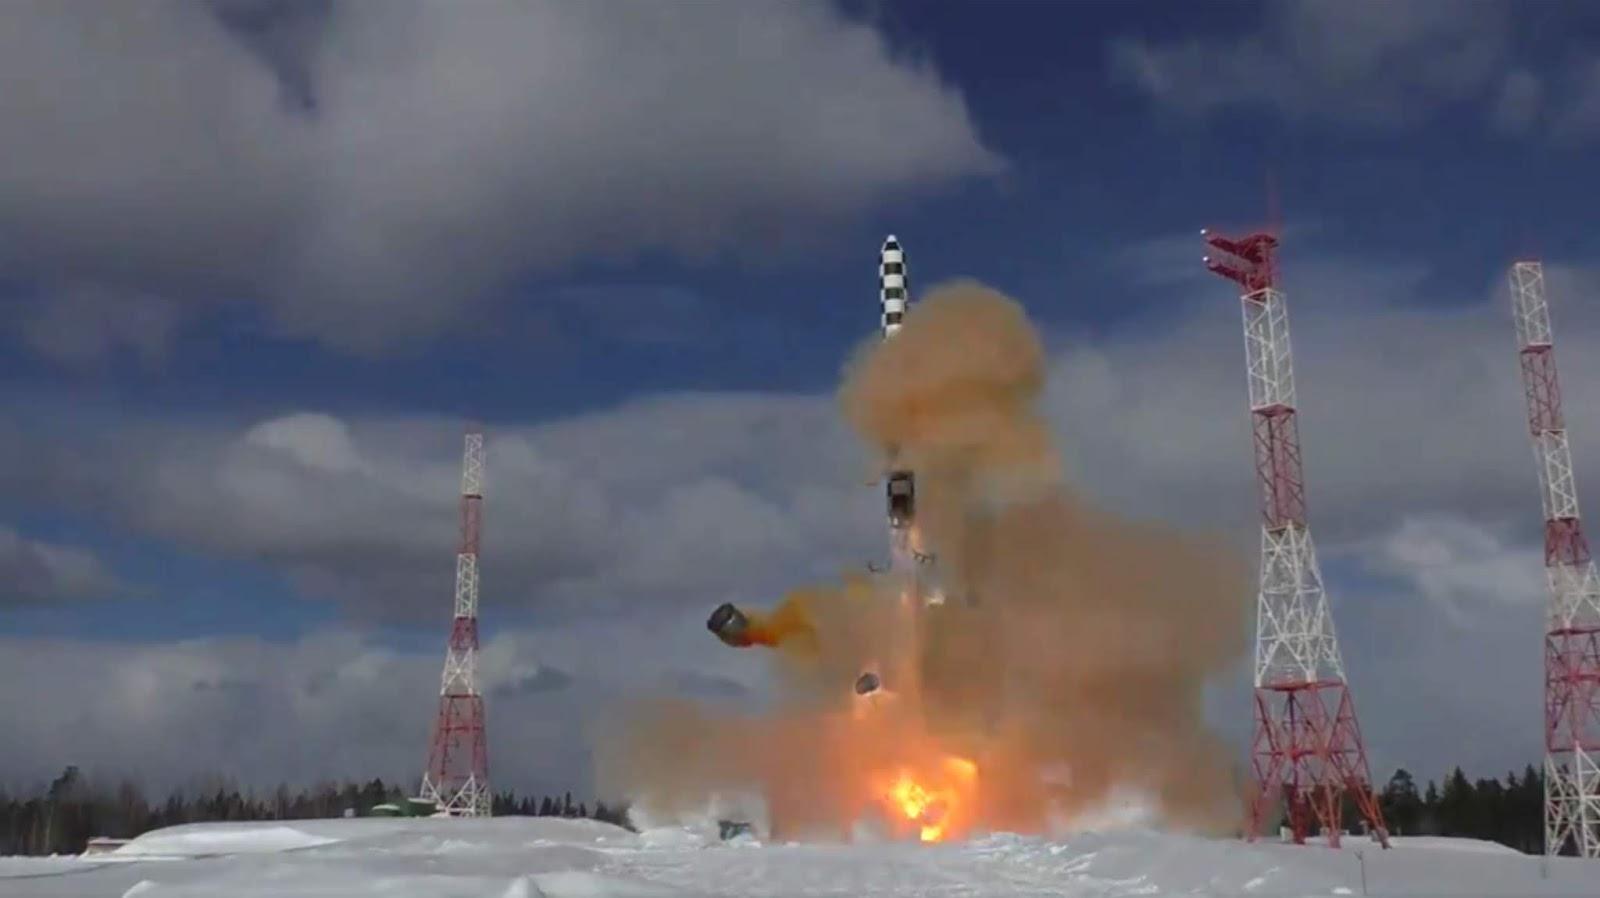 Rusia mulai menyiapkan pembuatan batch eksperimentar  ICBM Sarmat